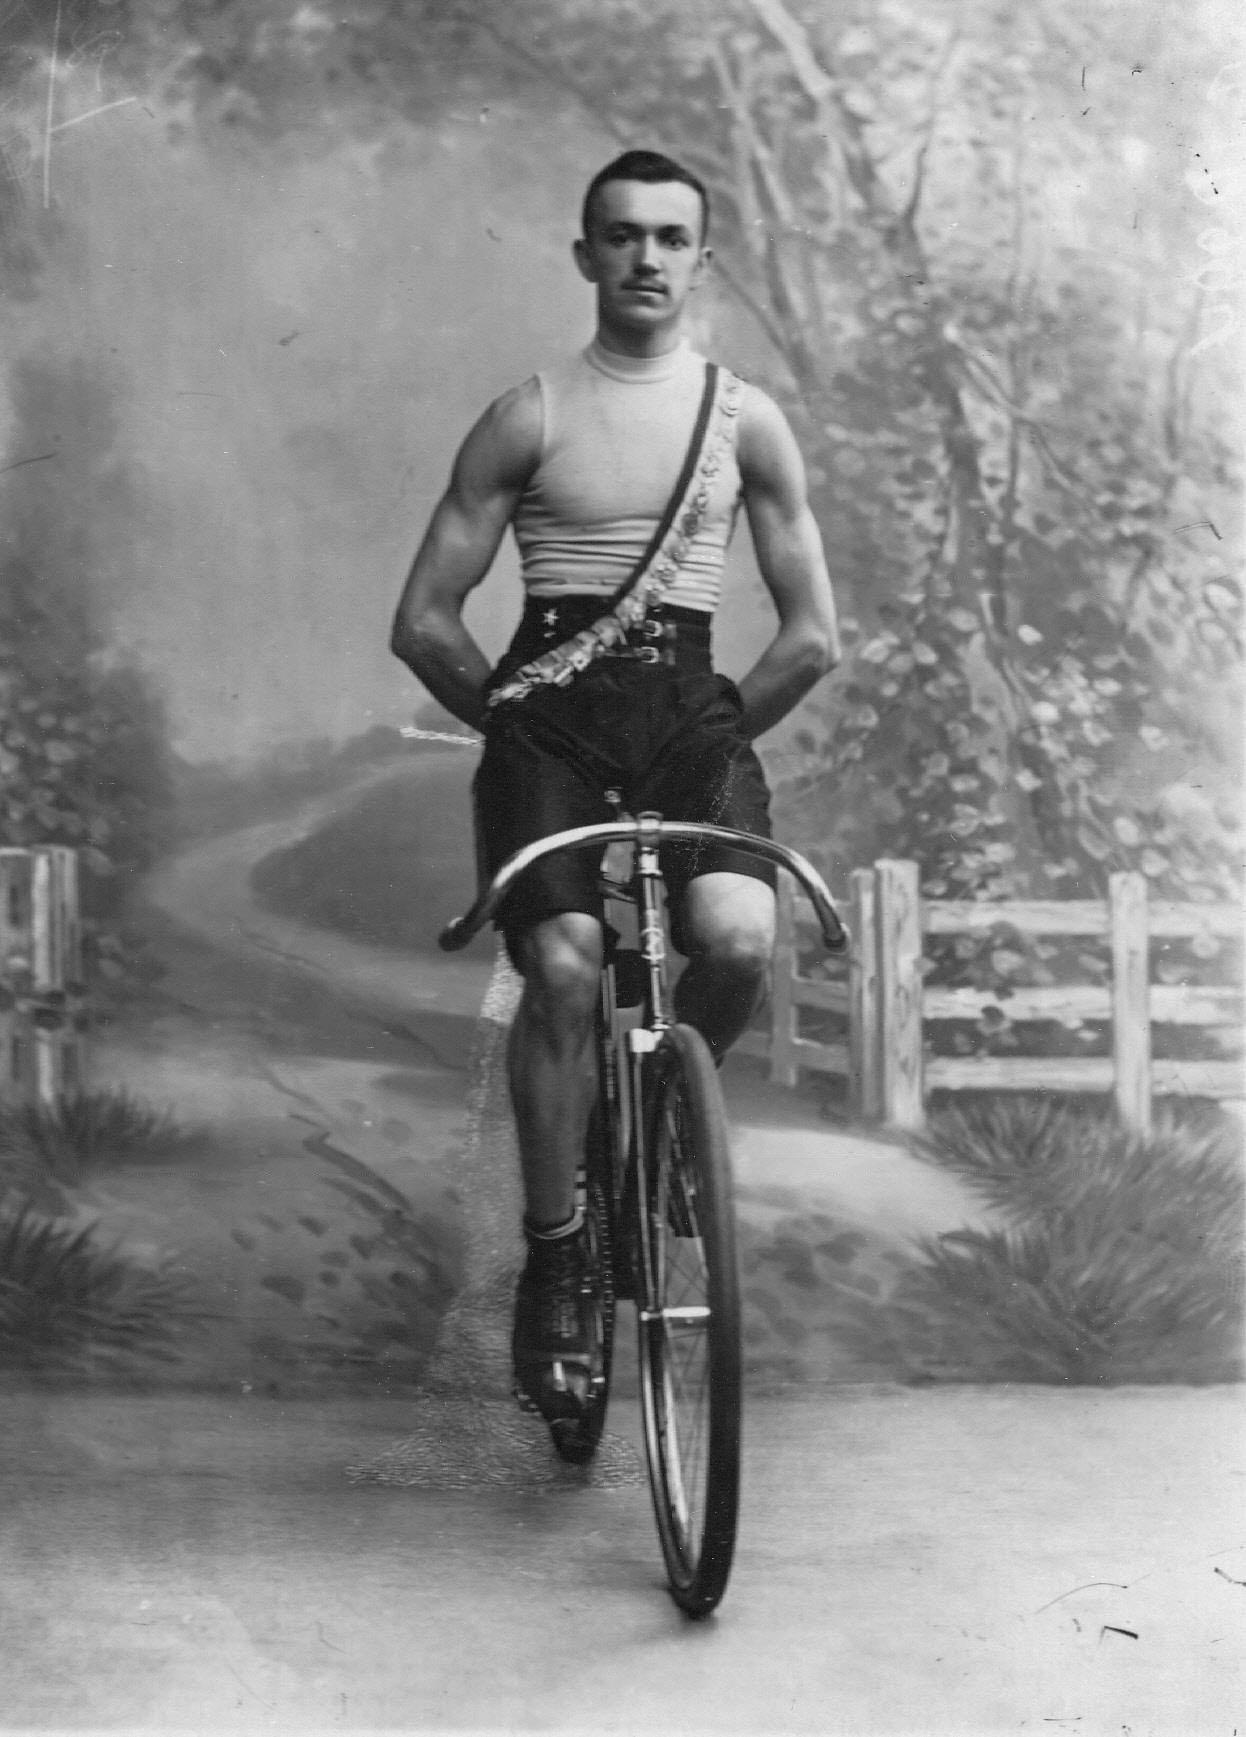 Велогонщик, победитель соревнований, на велосипеде. 1910